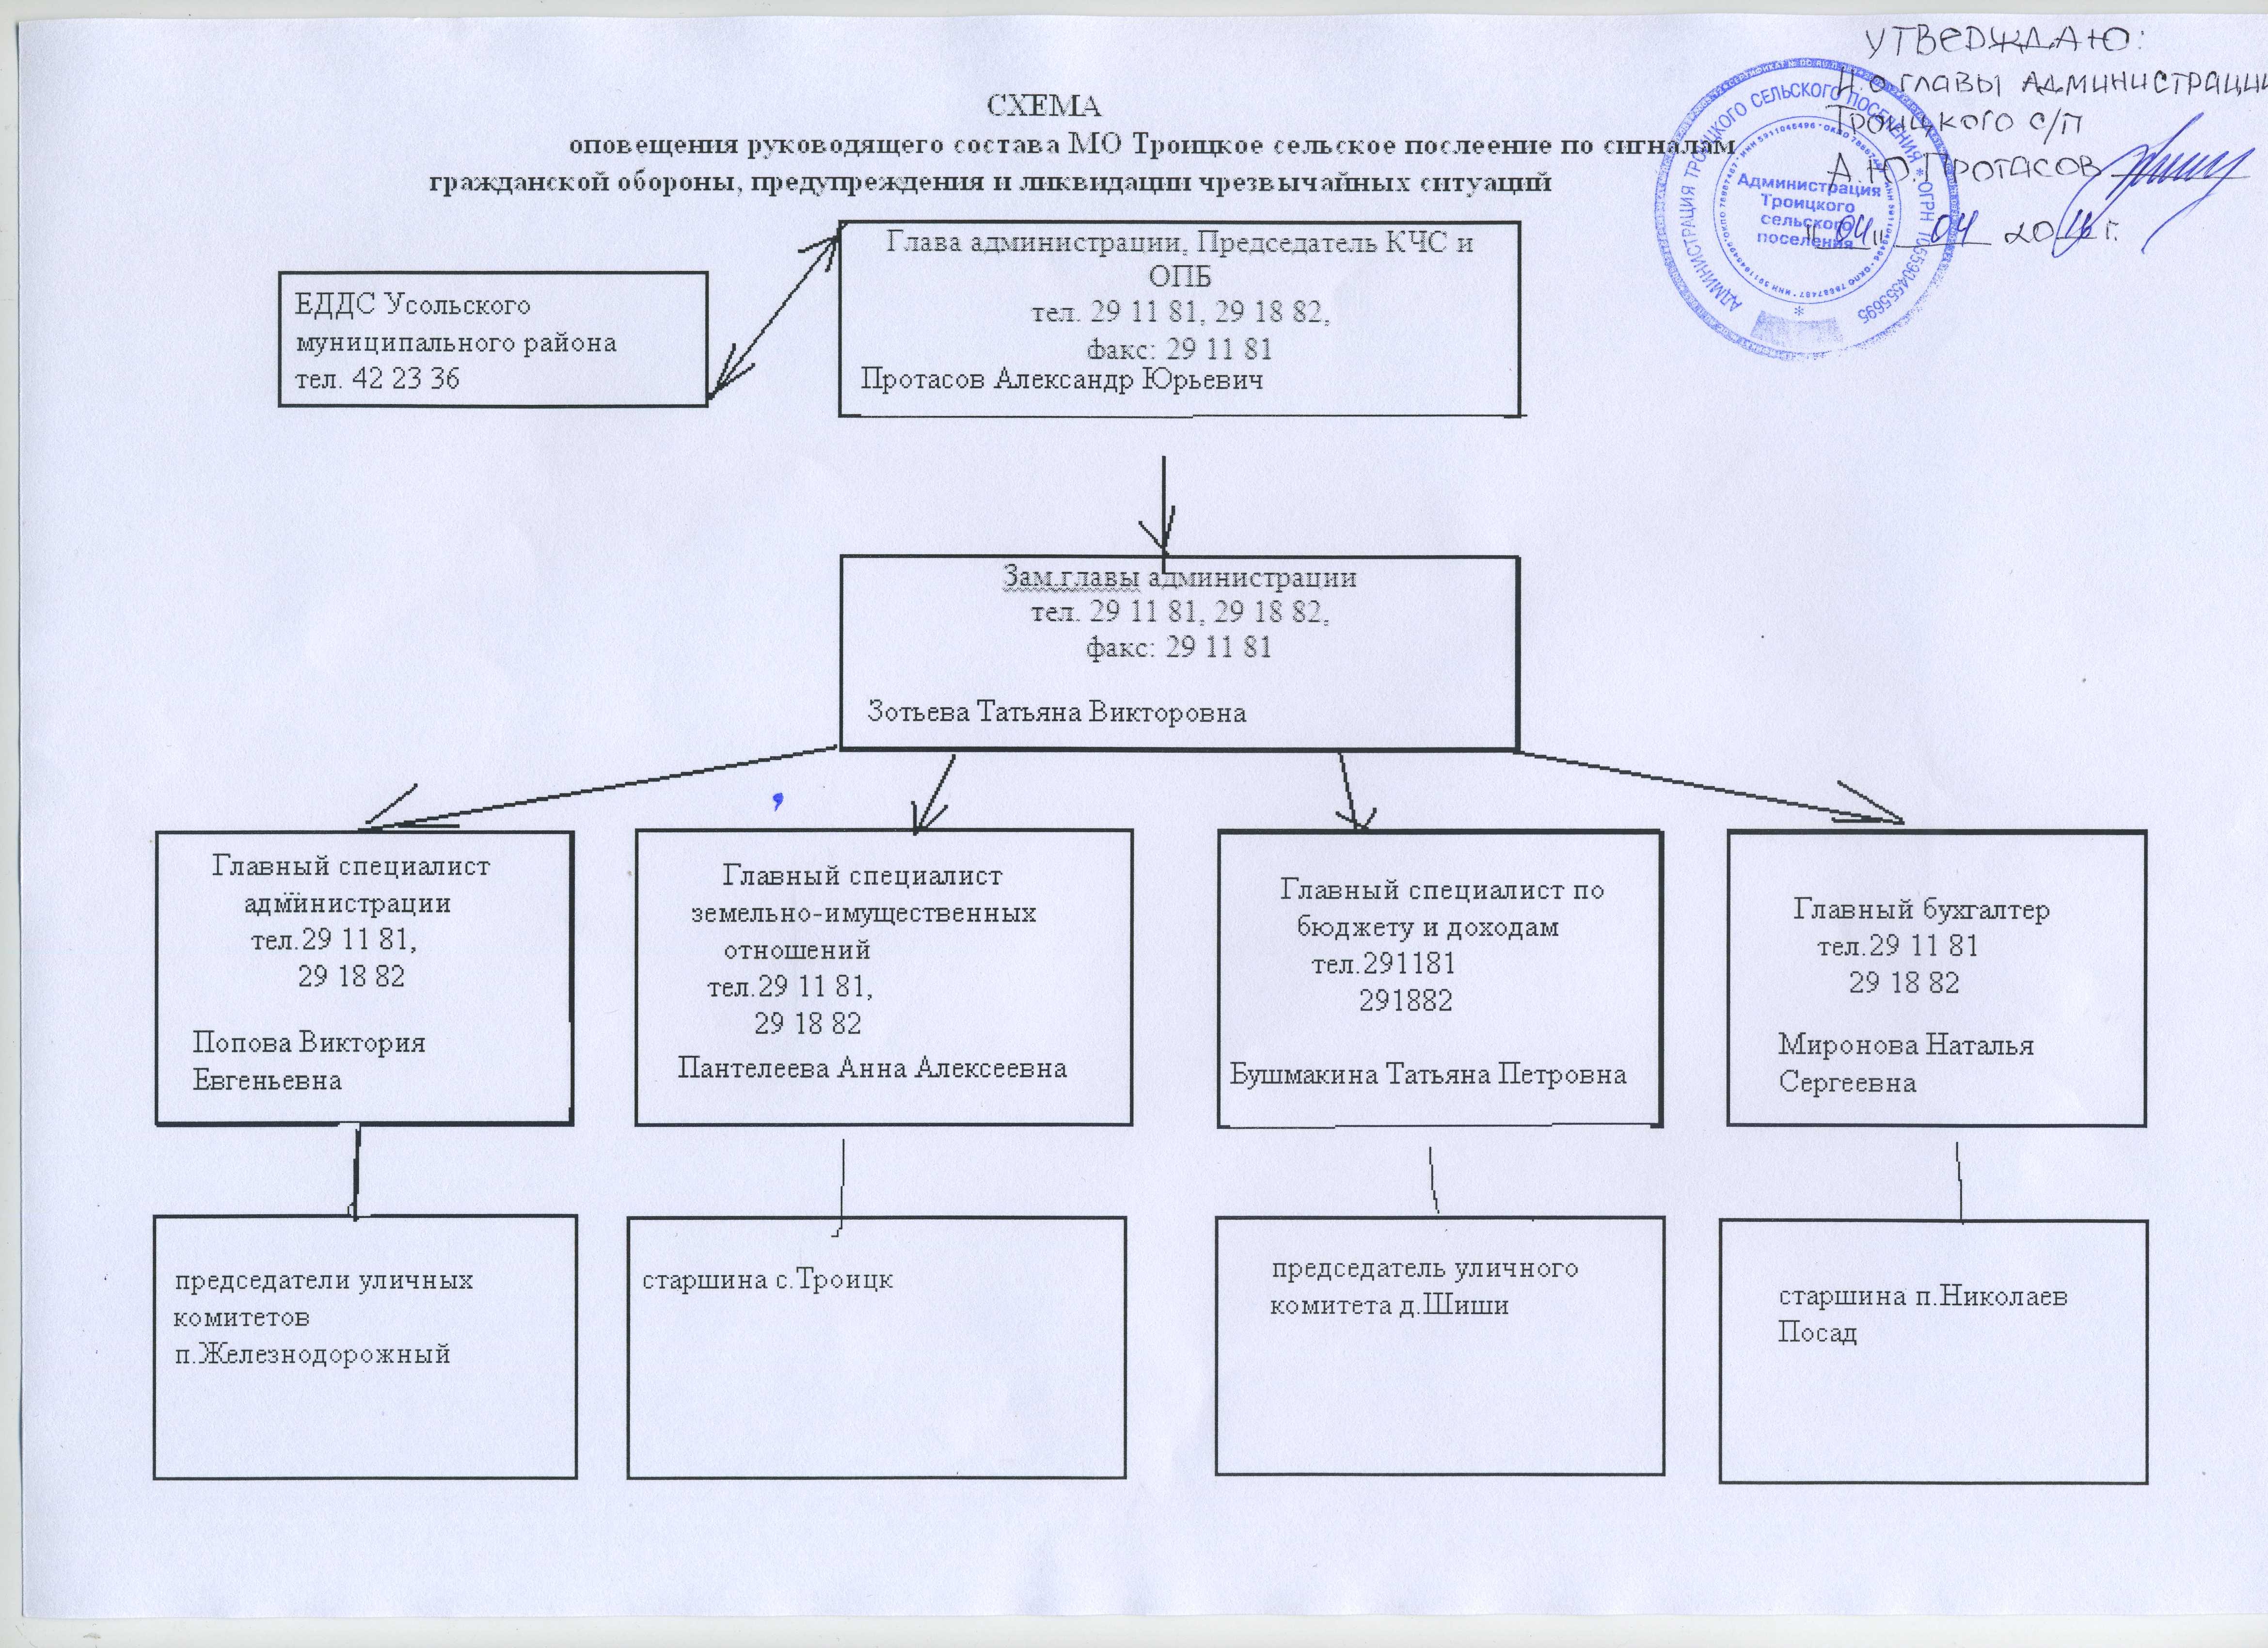 Схема оповещения в сельском поселении